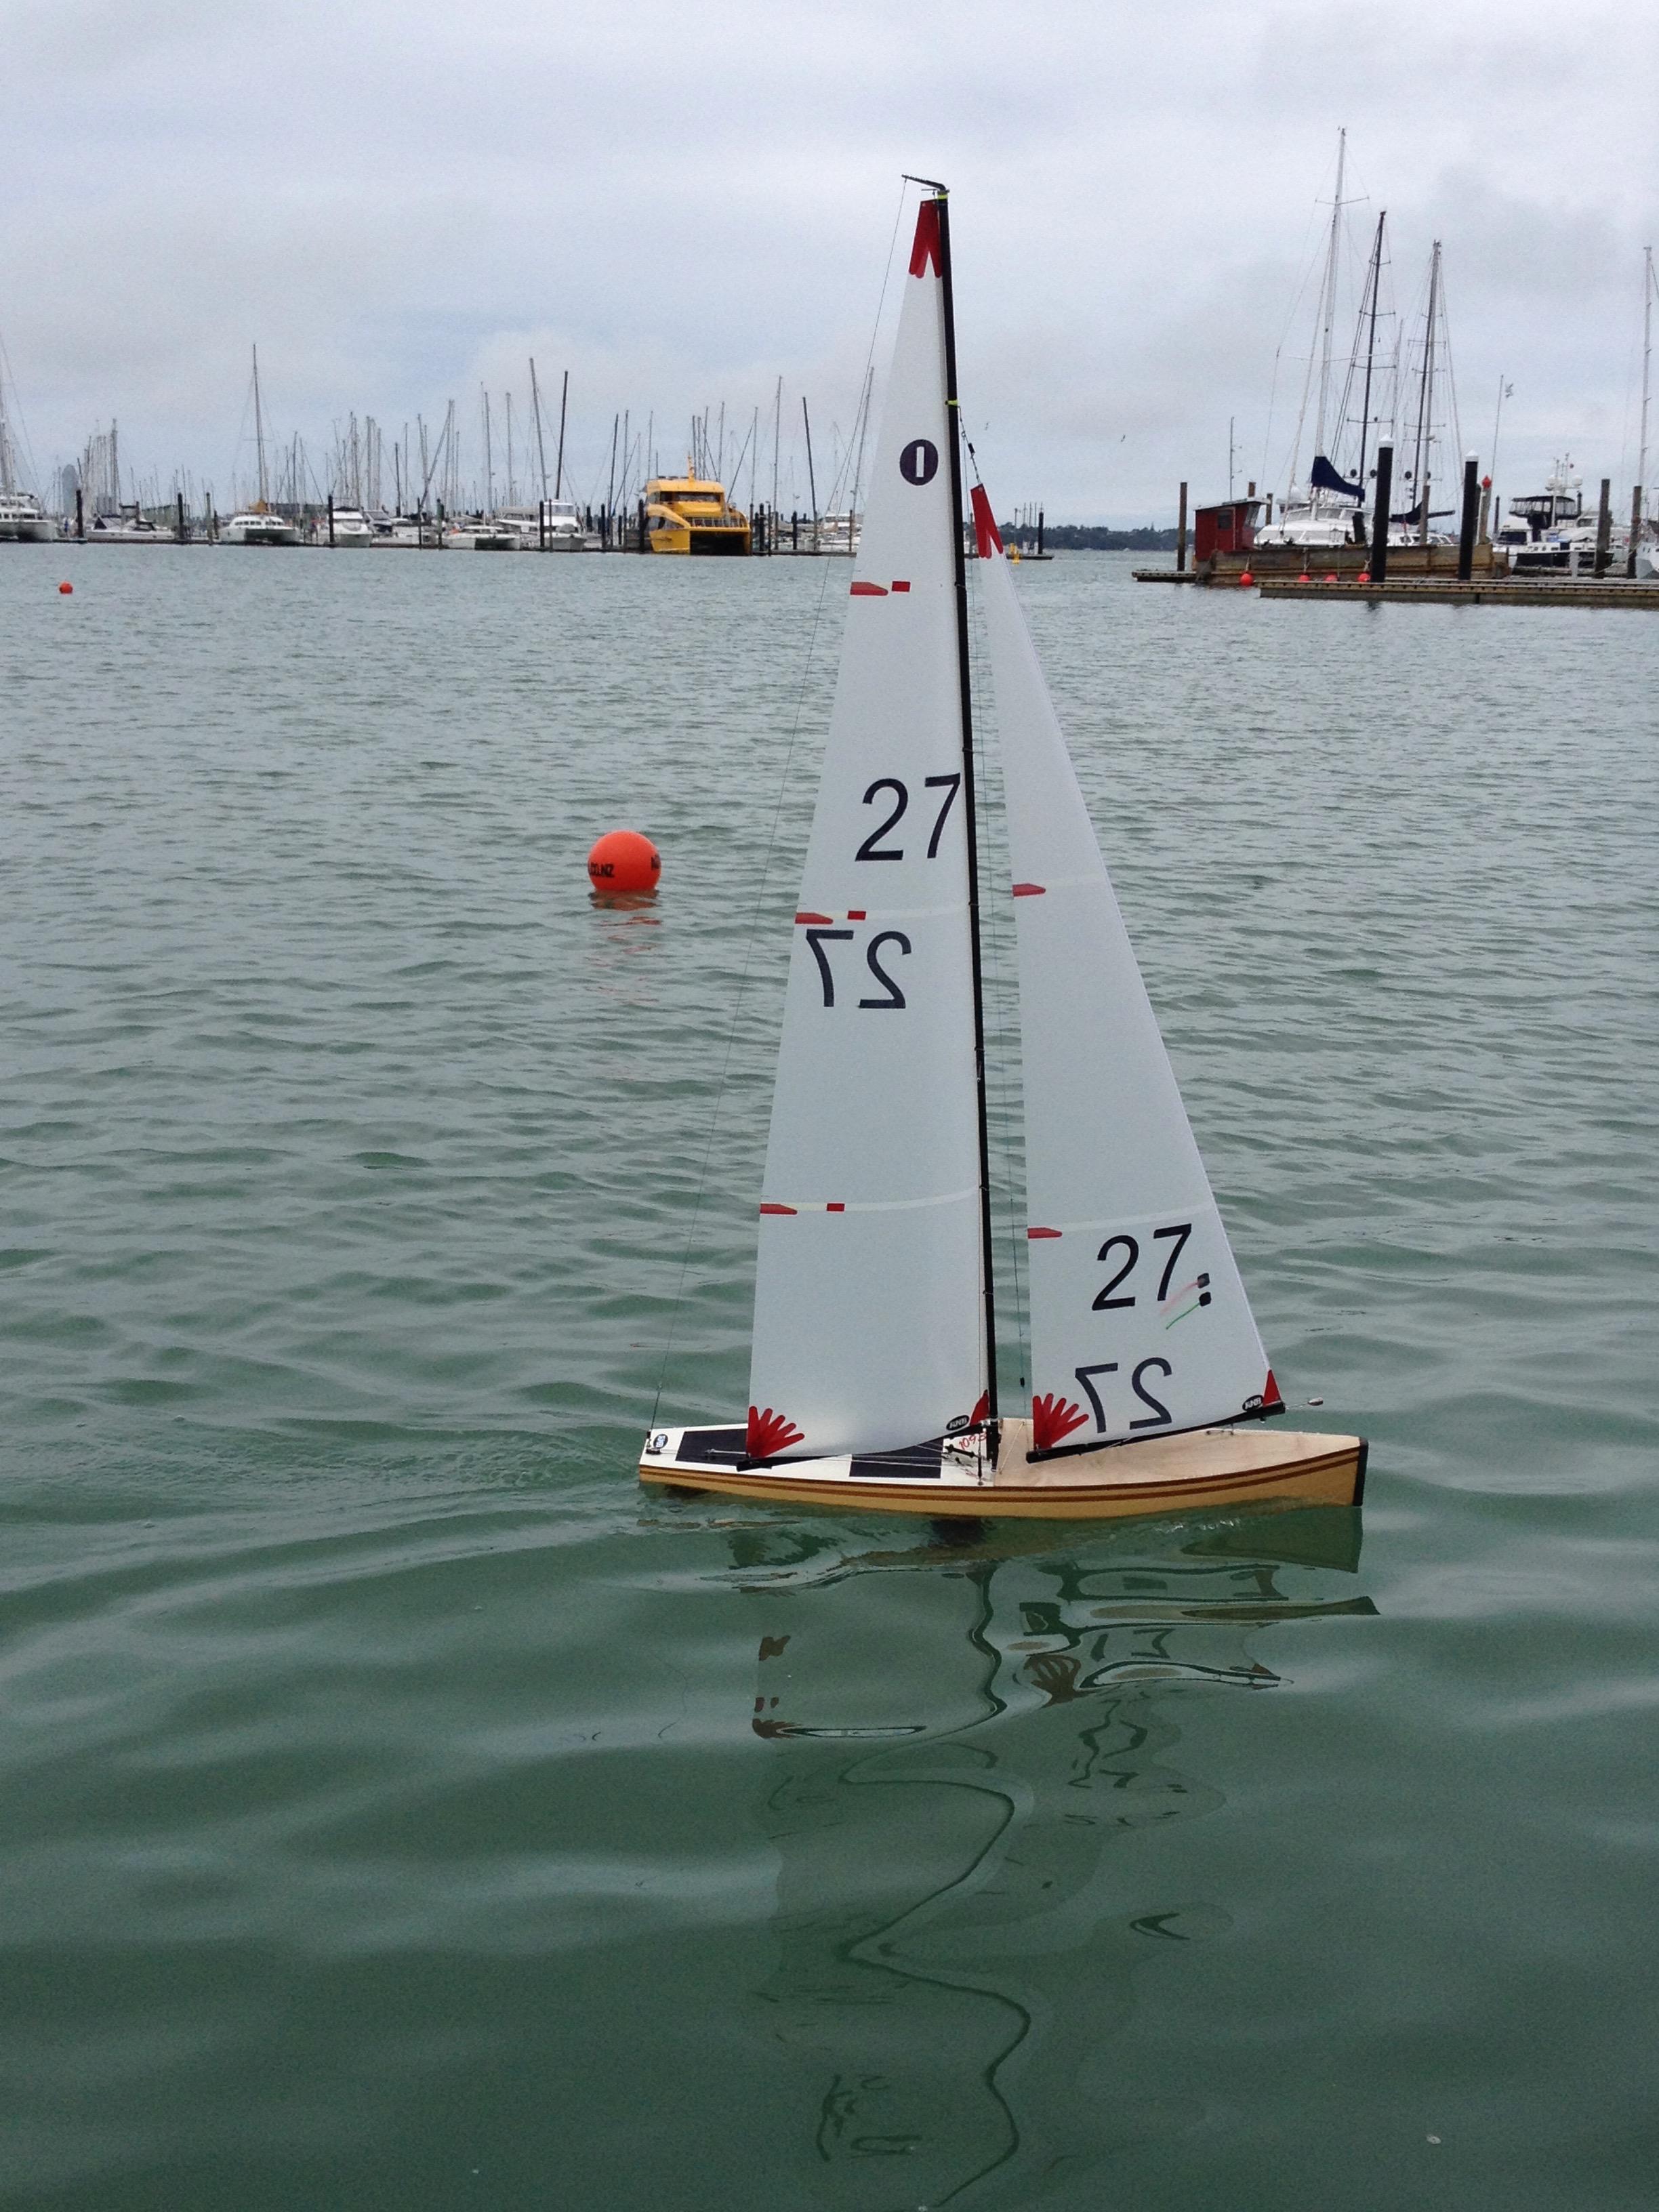 WRS - Wood Boat